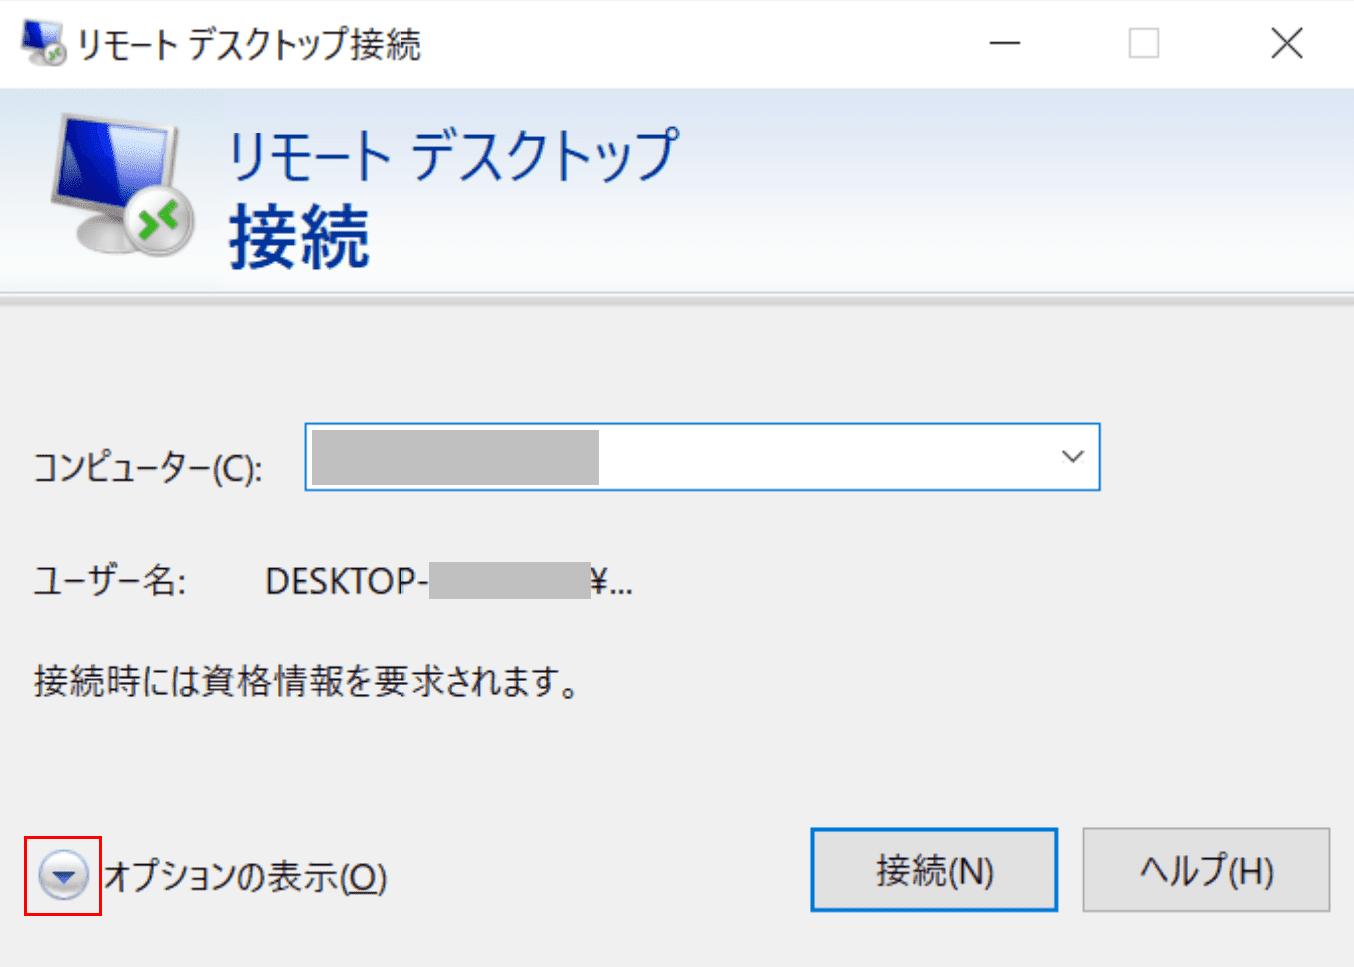 接続 コンピューター リモート に は デスクトップ できません リモート